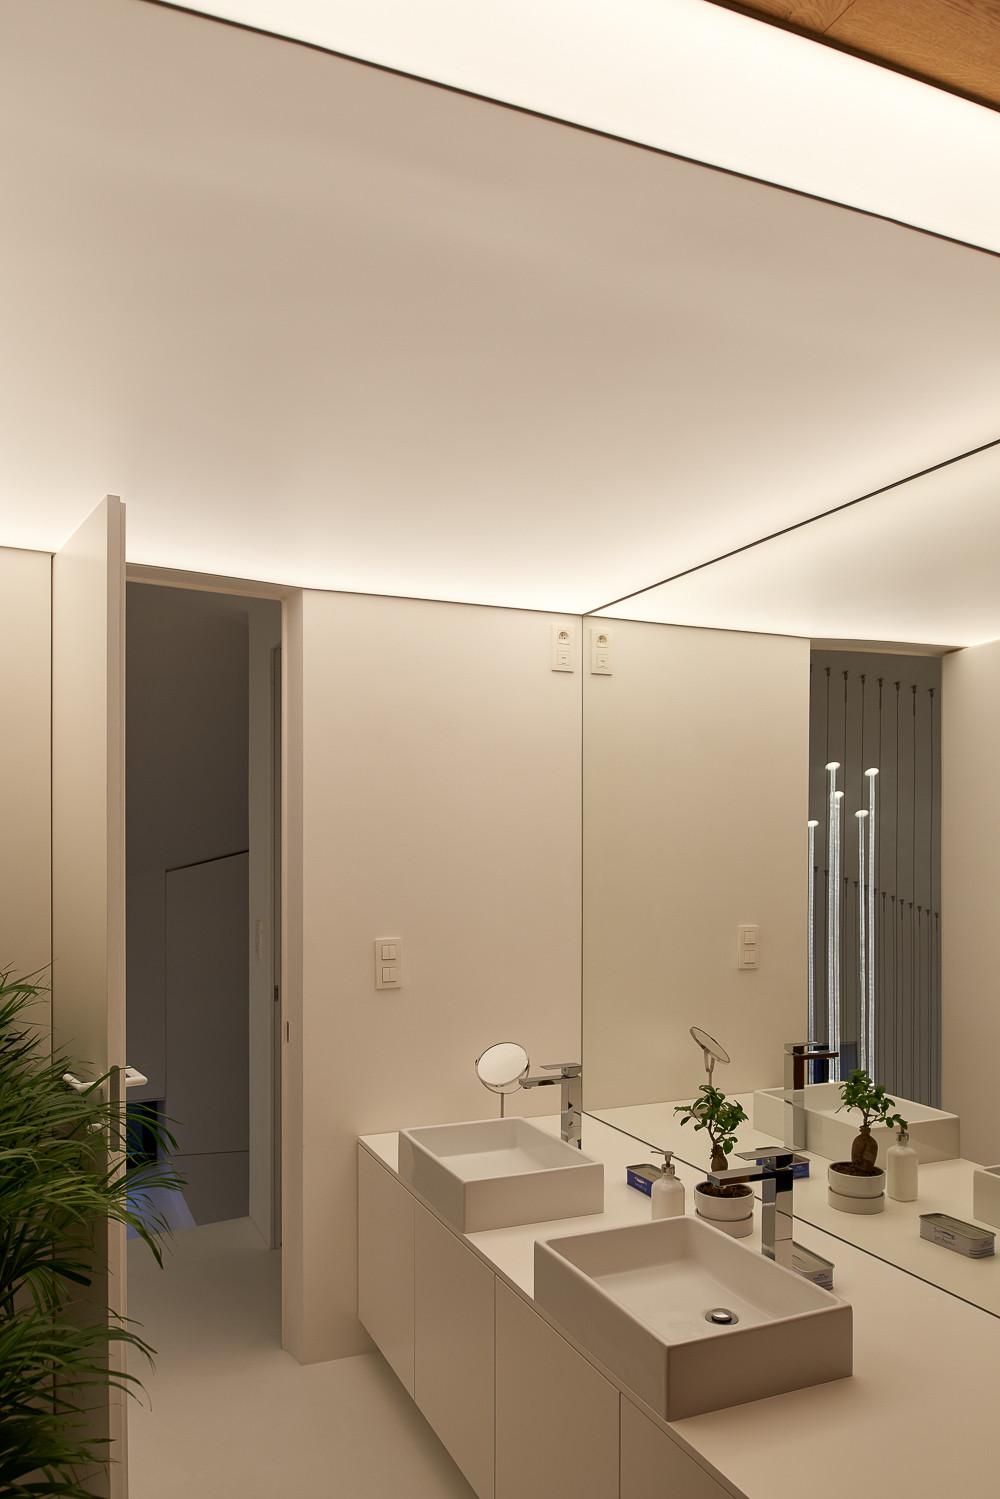 LED osvetlenie kúpeľne dizajnové svetelné stropy